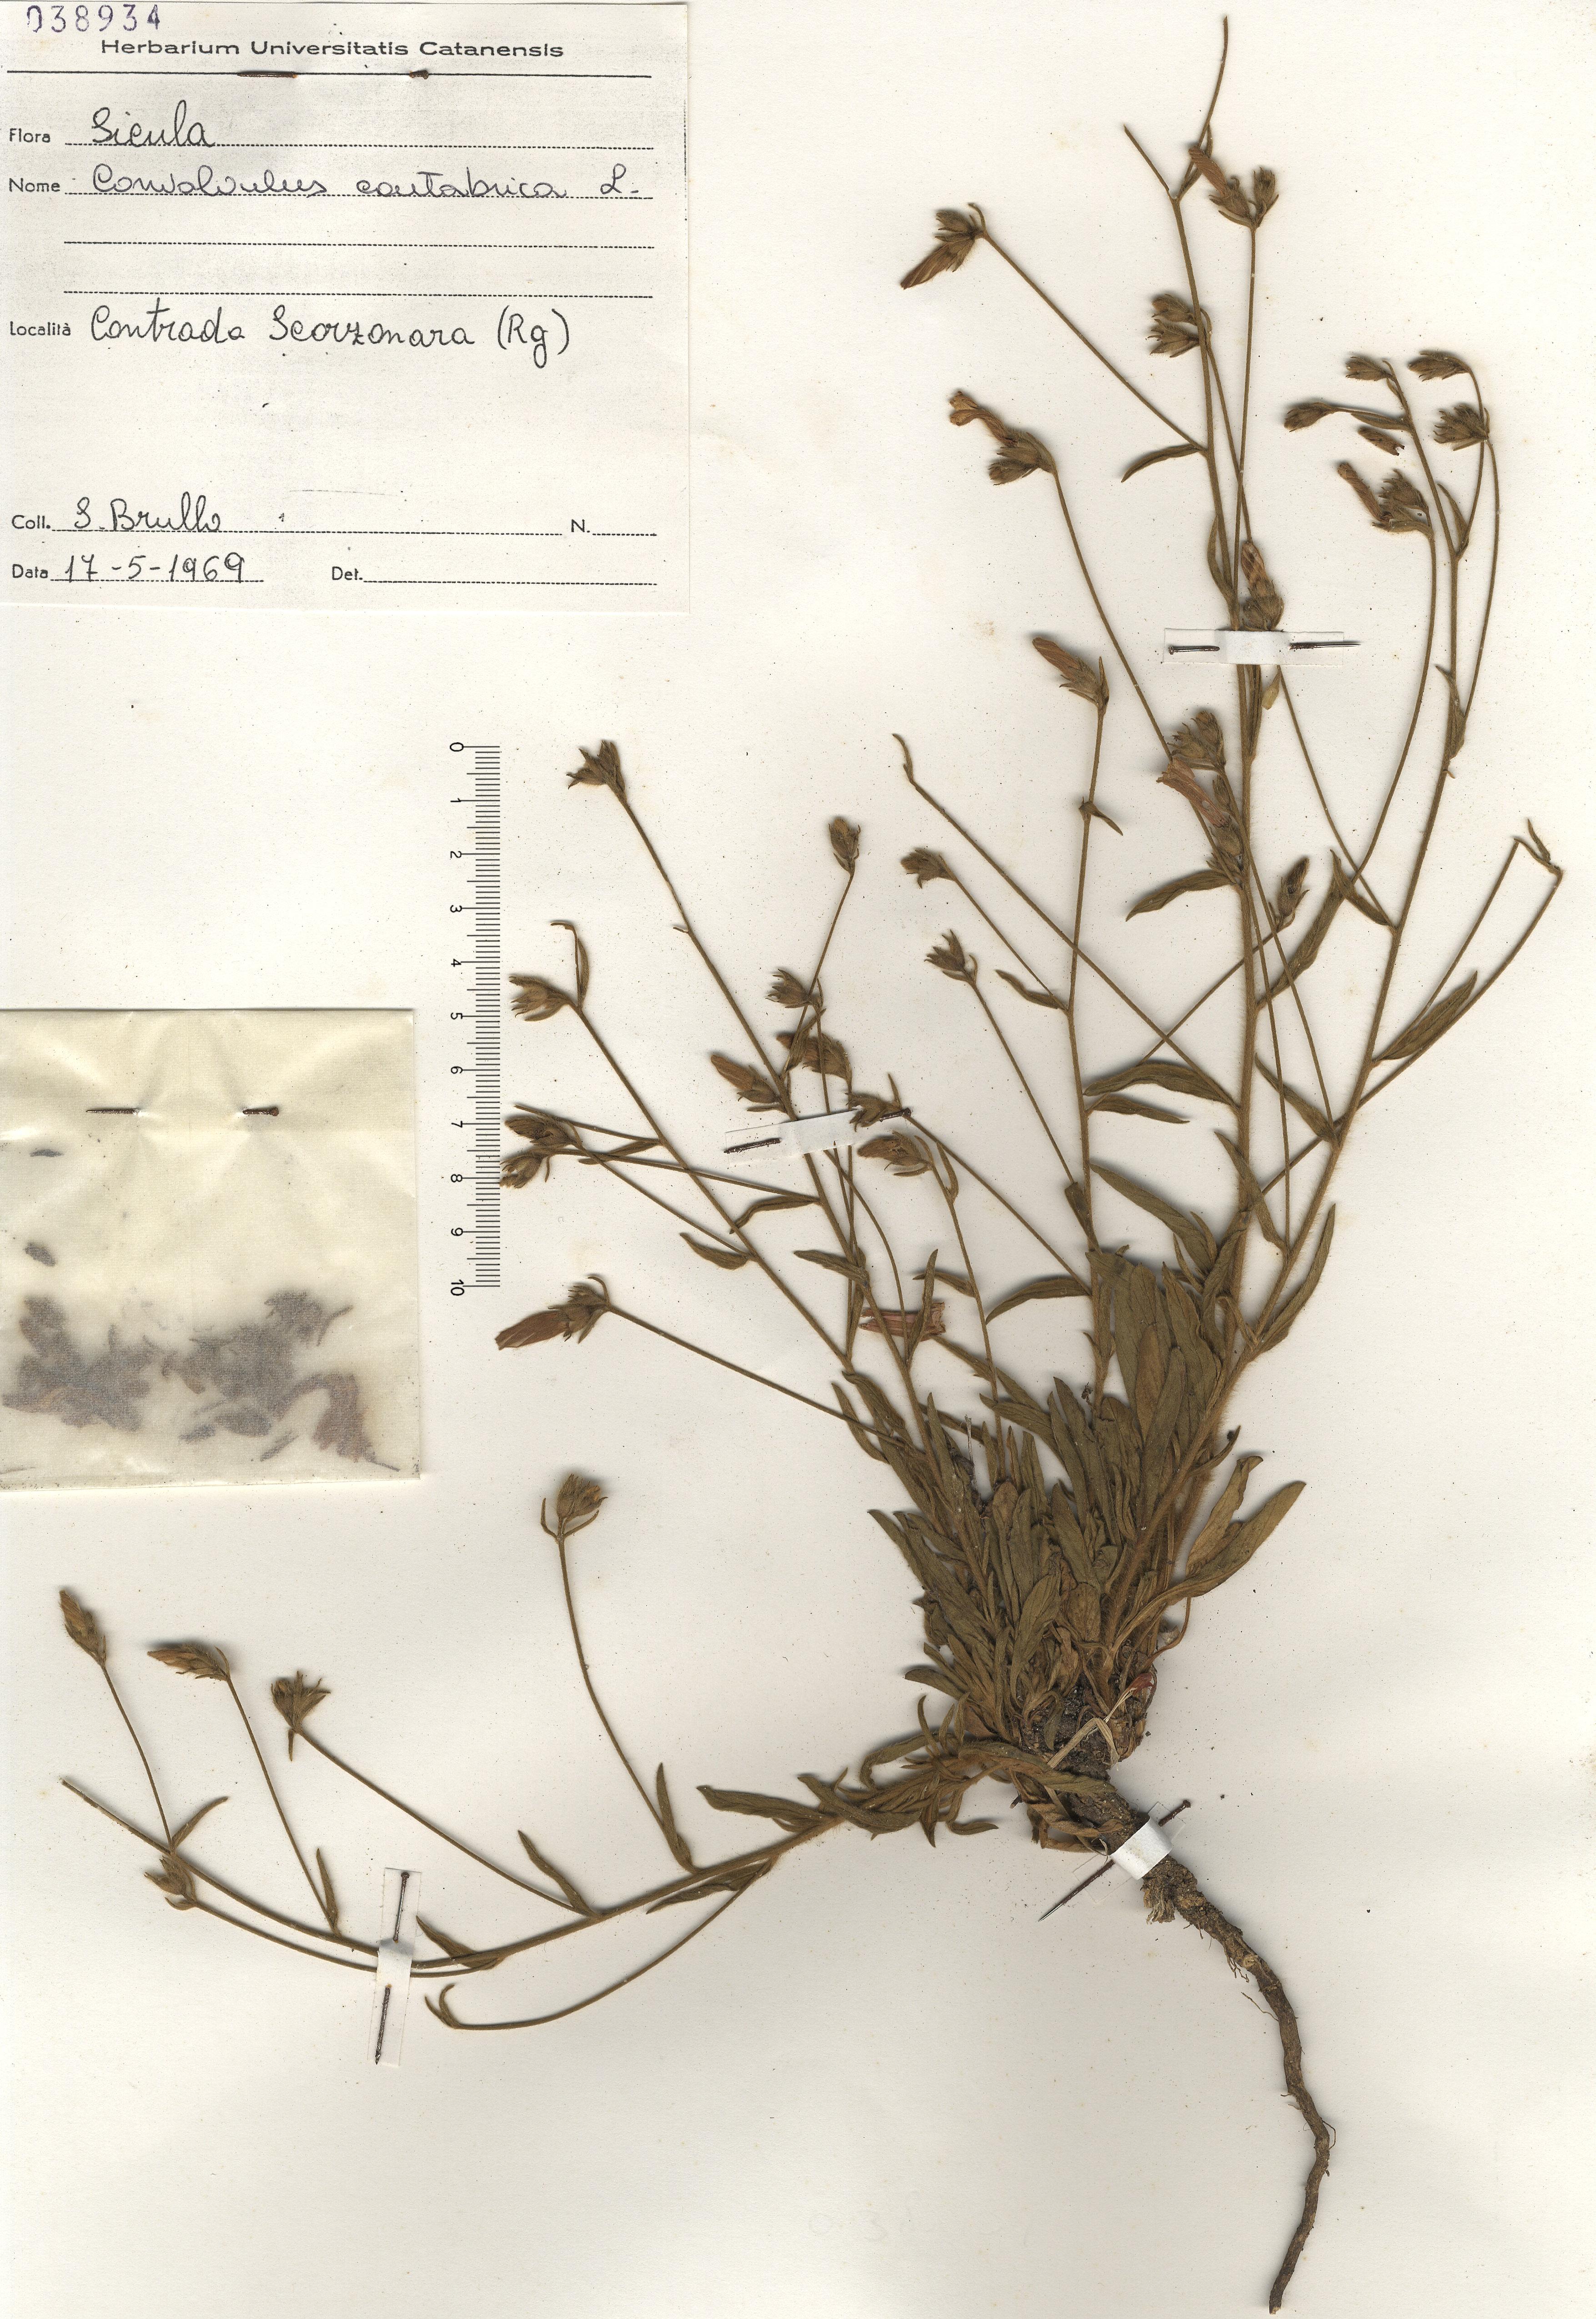 © Hortus Botanicus Catinensis - Herb. sheet 038934<br>